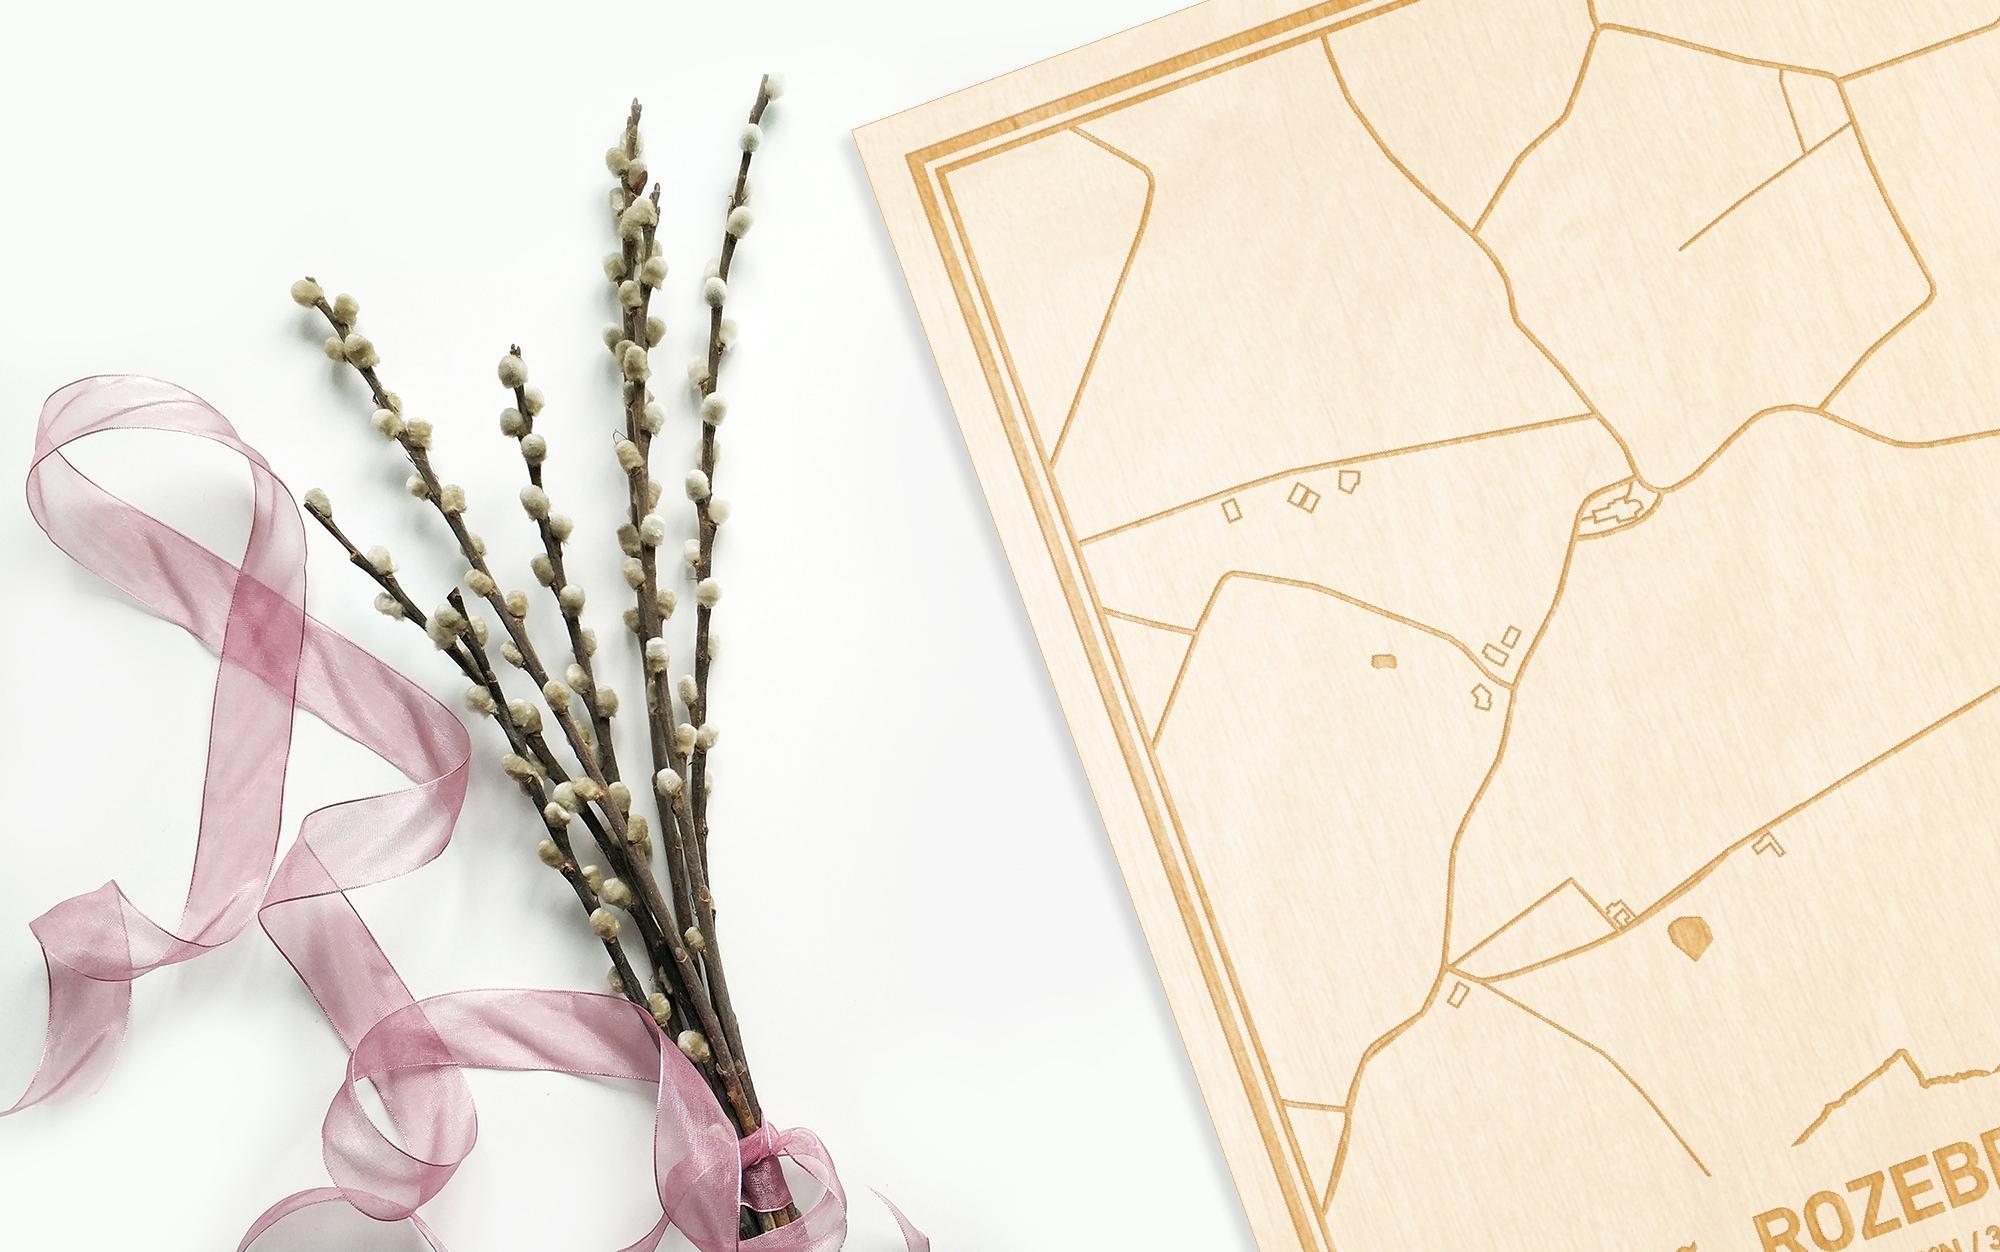 Hier ligt de houten plattegrond Rozebeke naast een bloemetje als gepersonaliseerd cadeau voor haar.